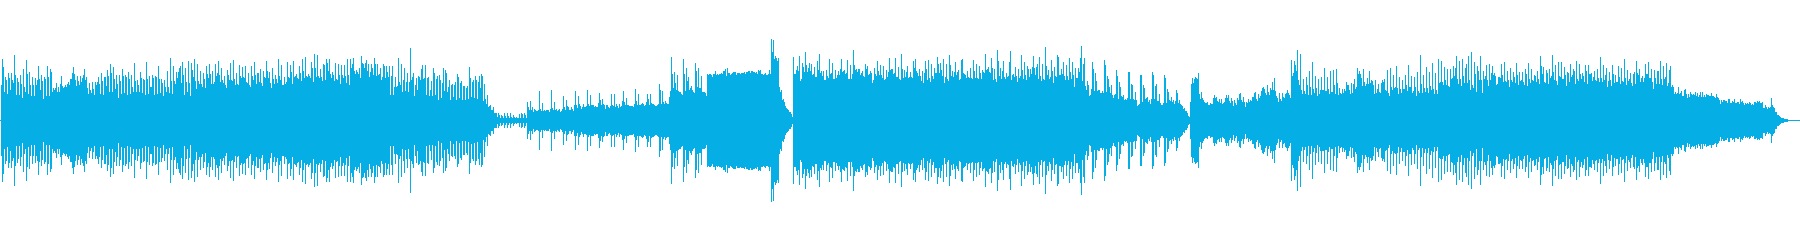 90年代風のユーロテクノ音楽。さま...の再生済みの波形